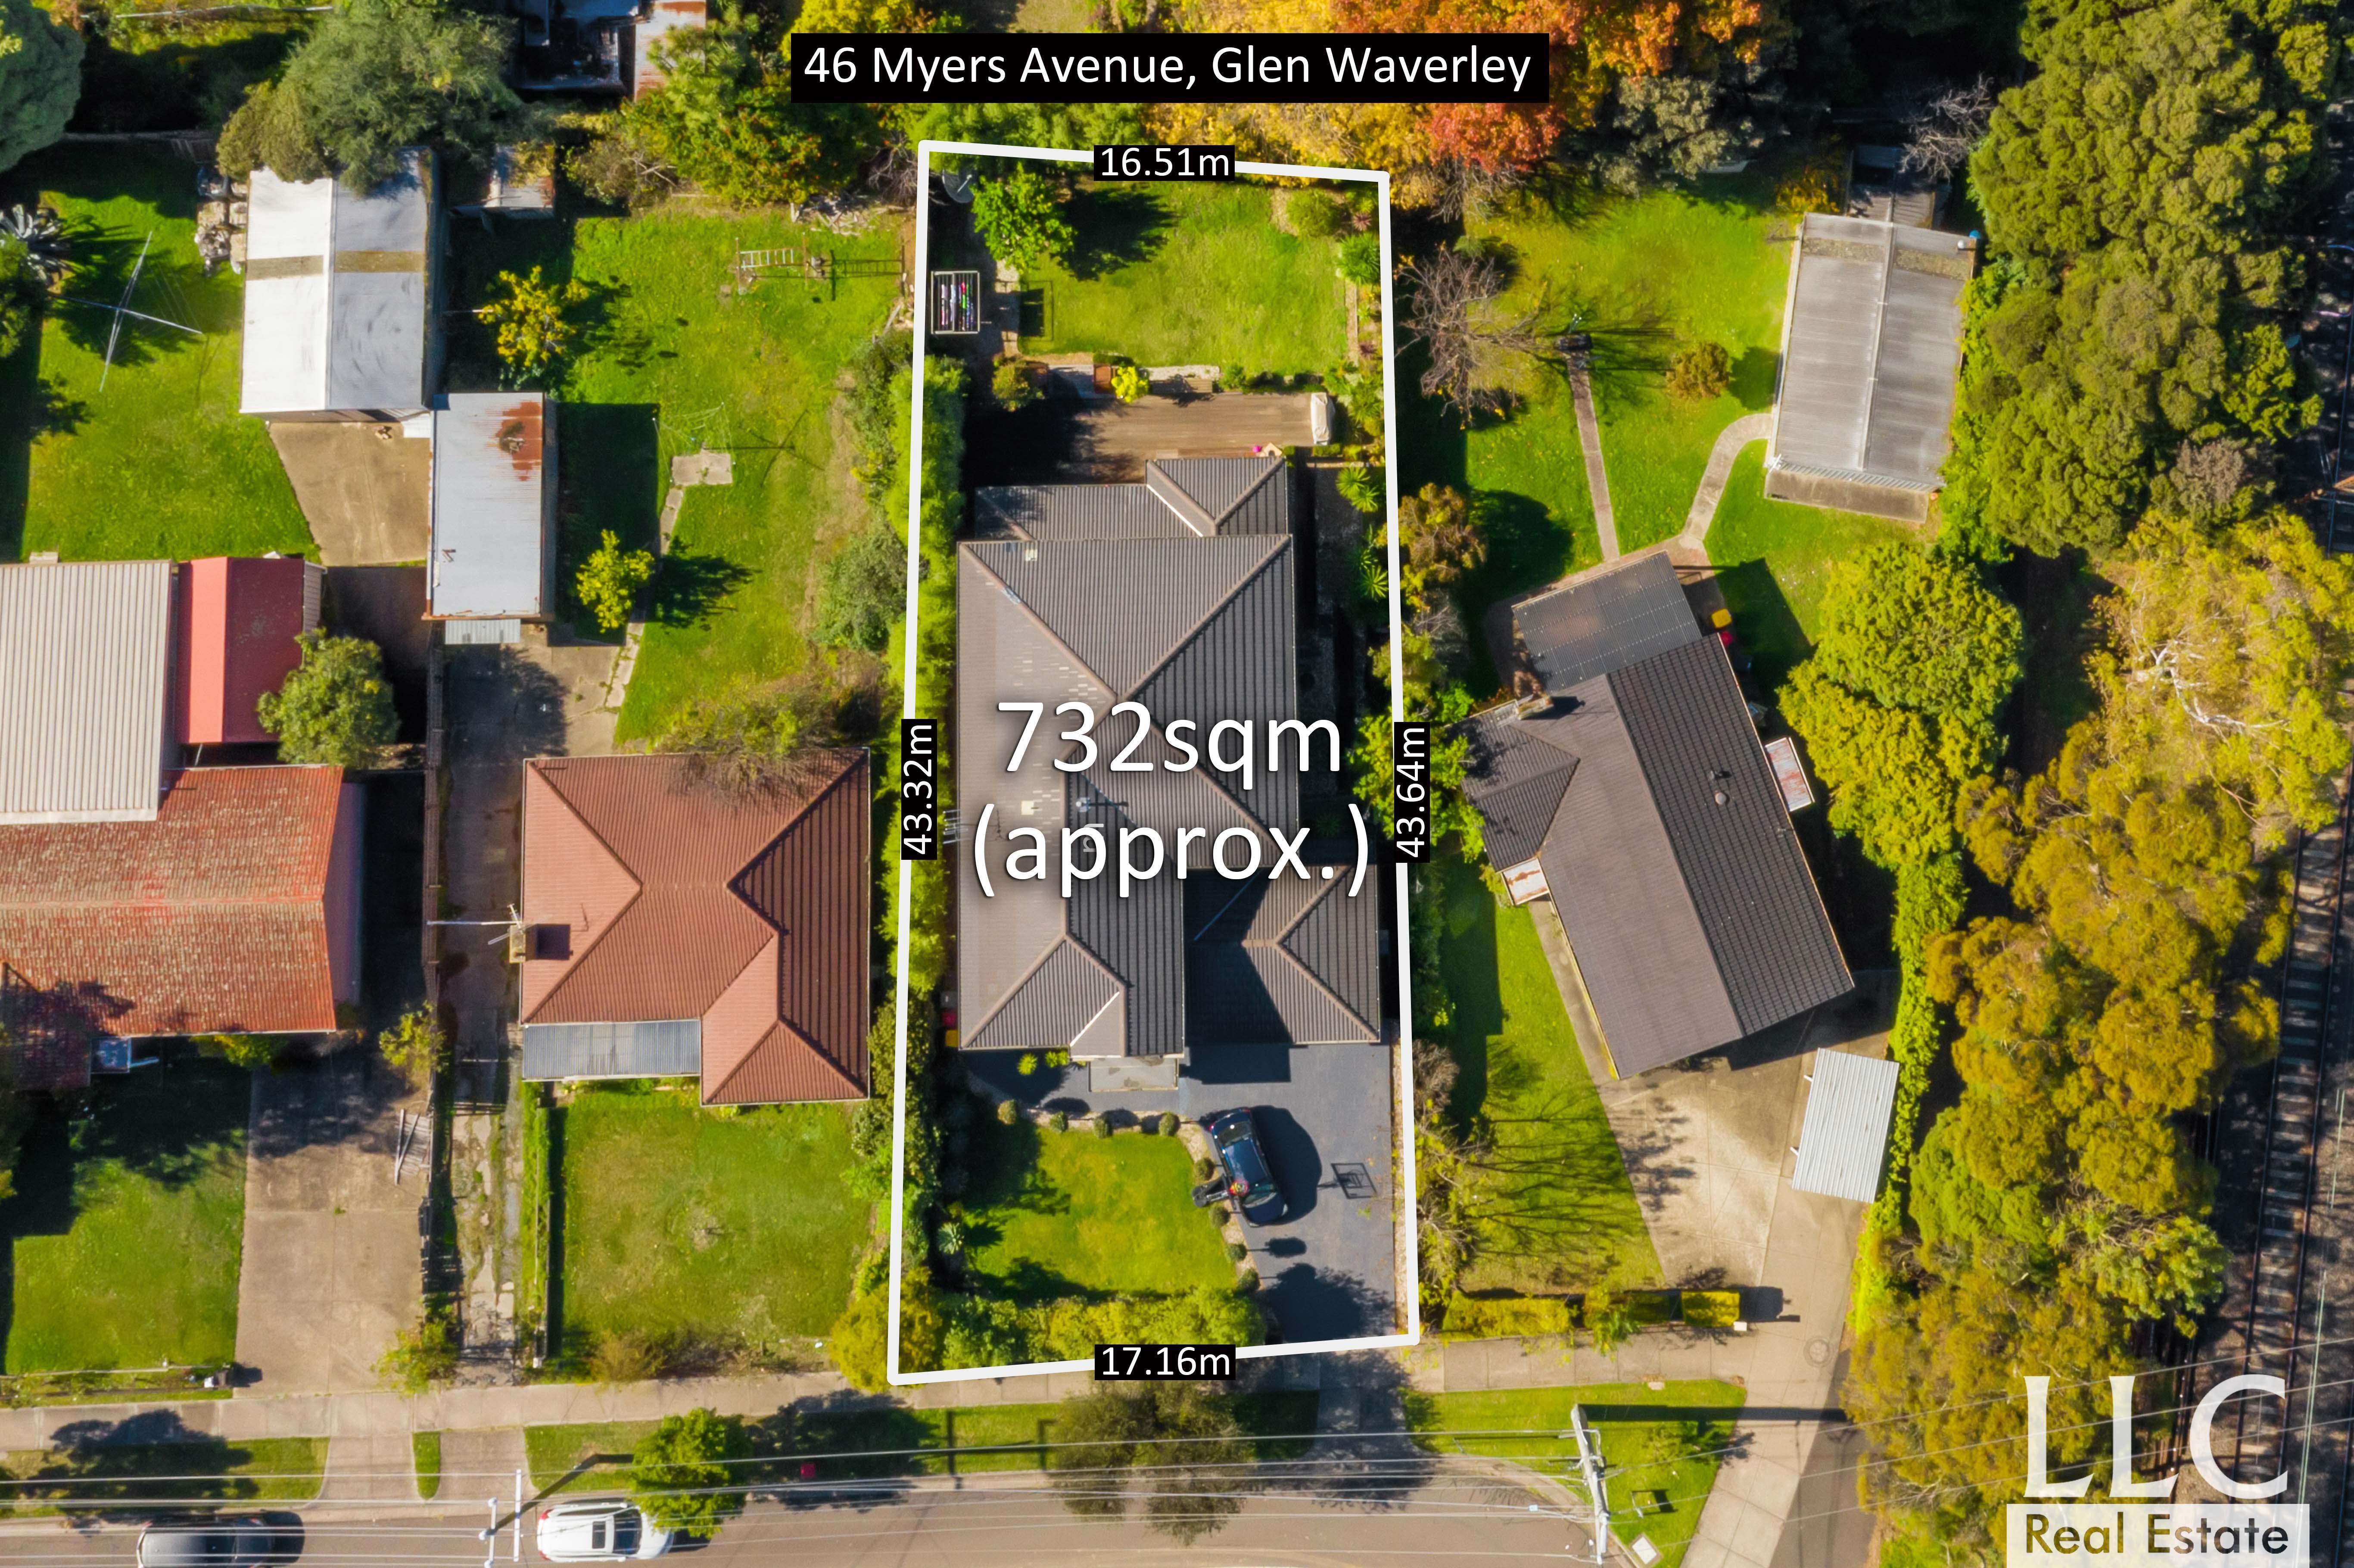 46 Myers Avenue, Glen Waverley